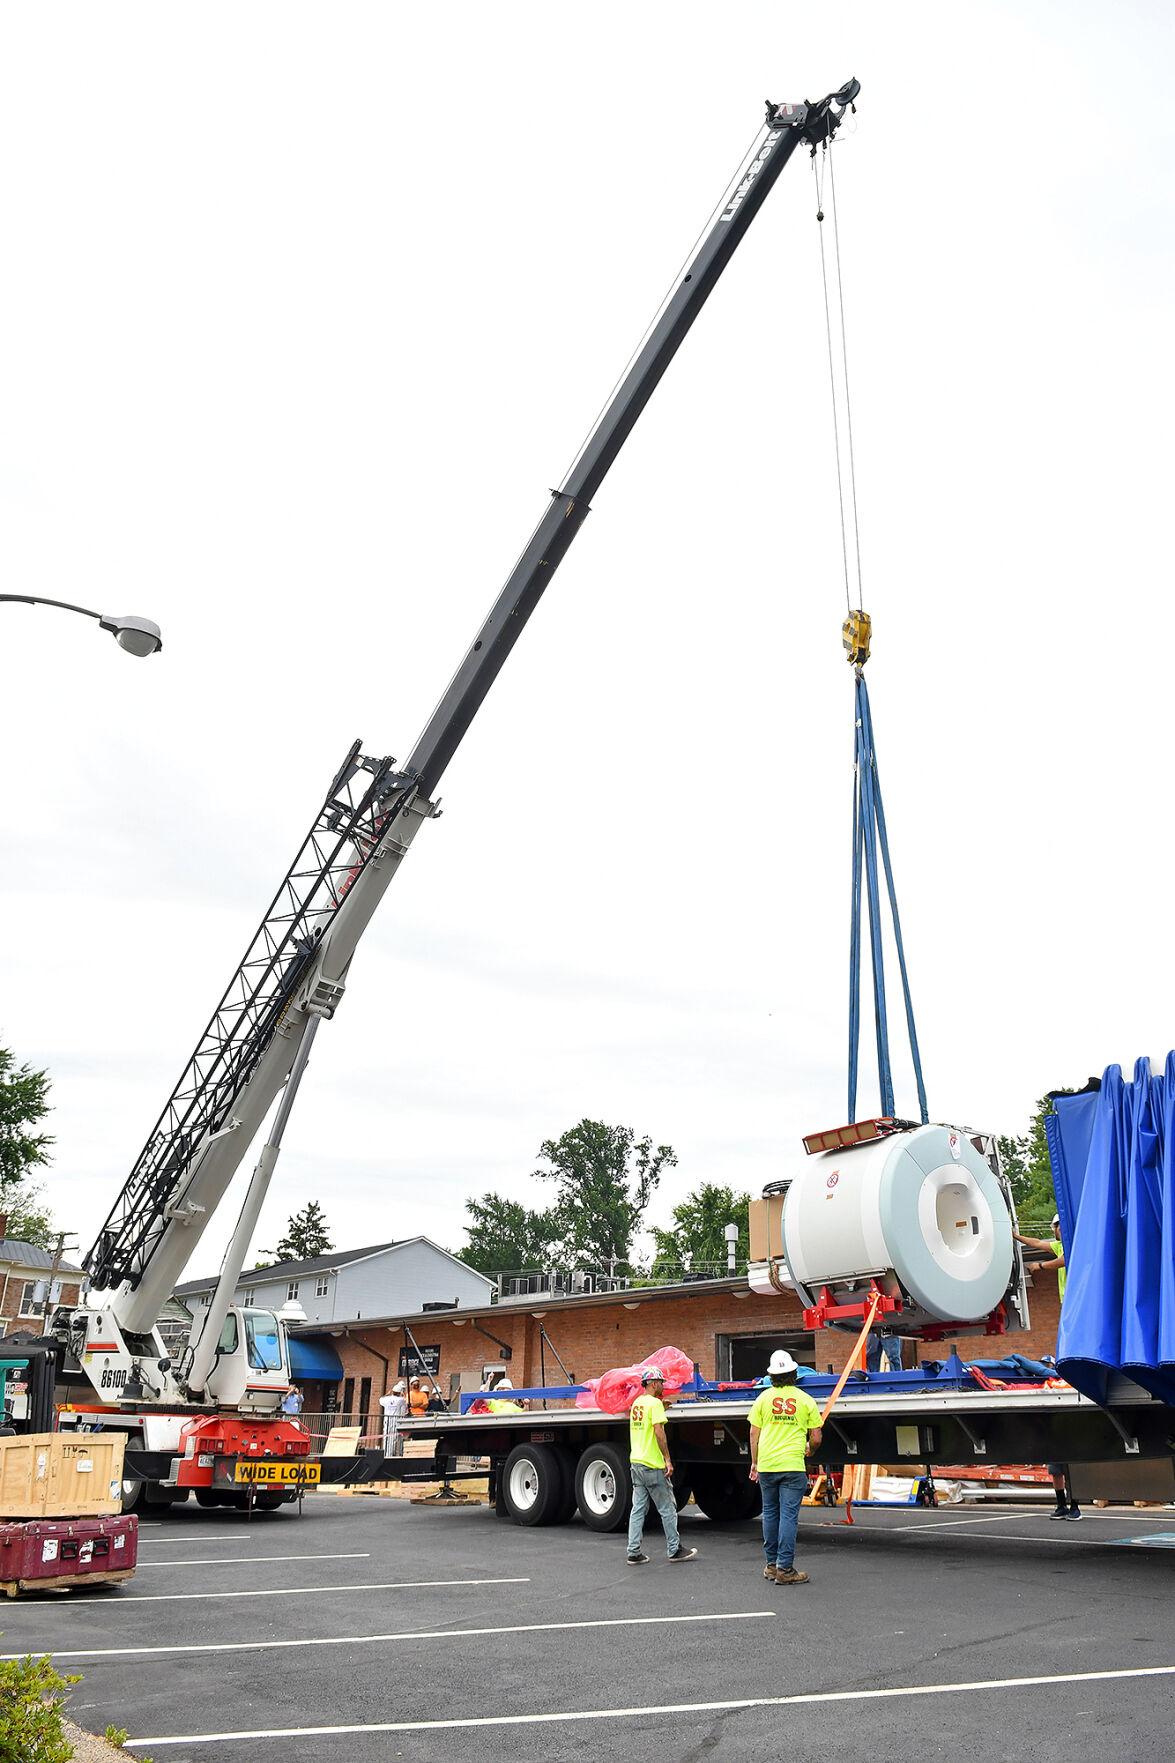 $1.3 million MRI moves into Main Street